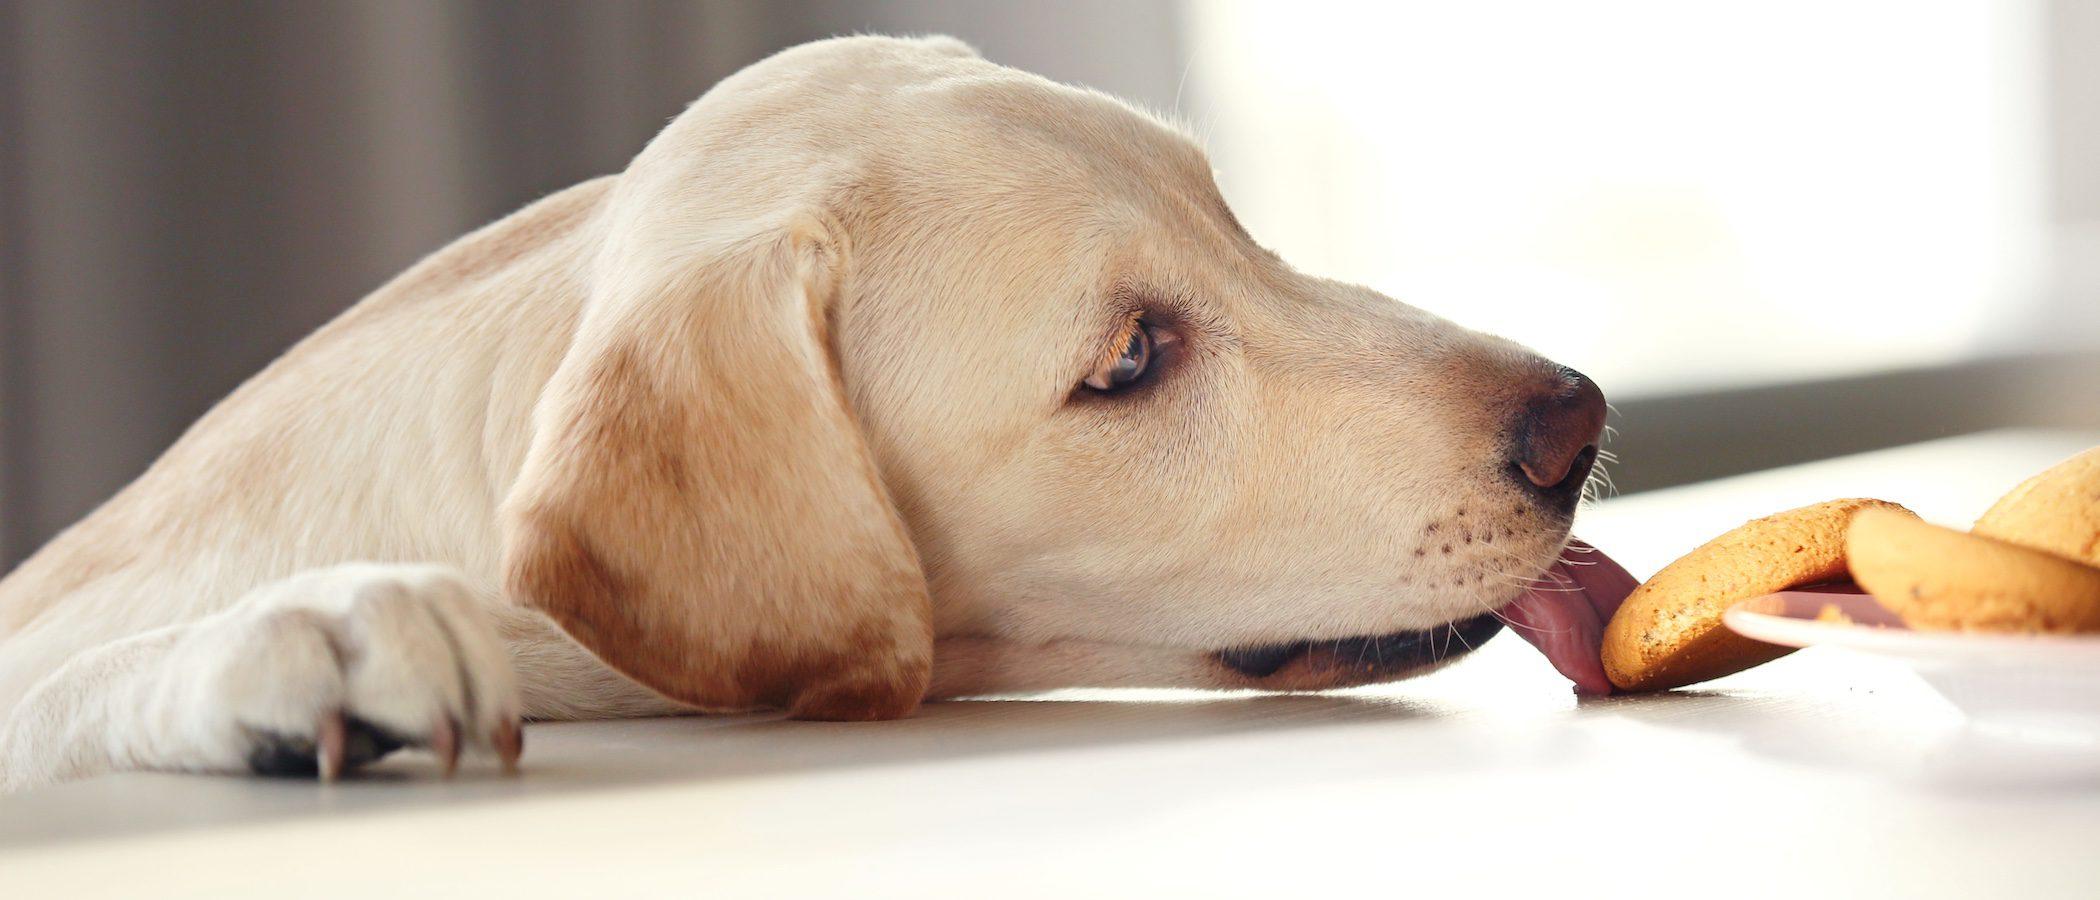 Cómo hacer galletas para perros en el microondas